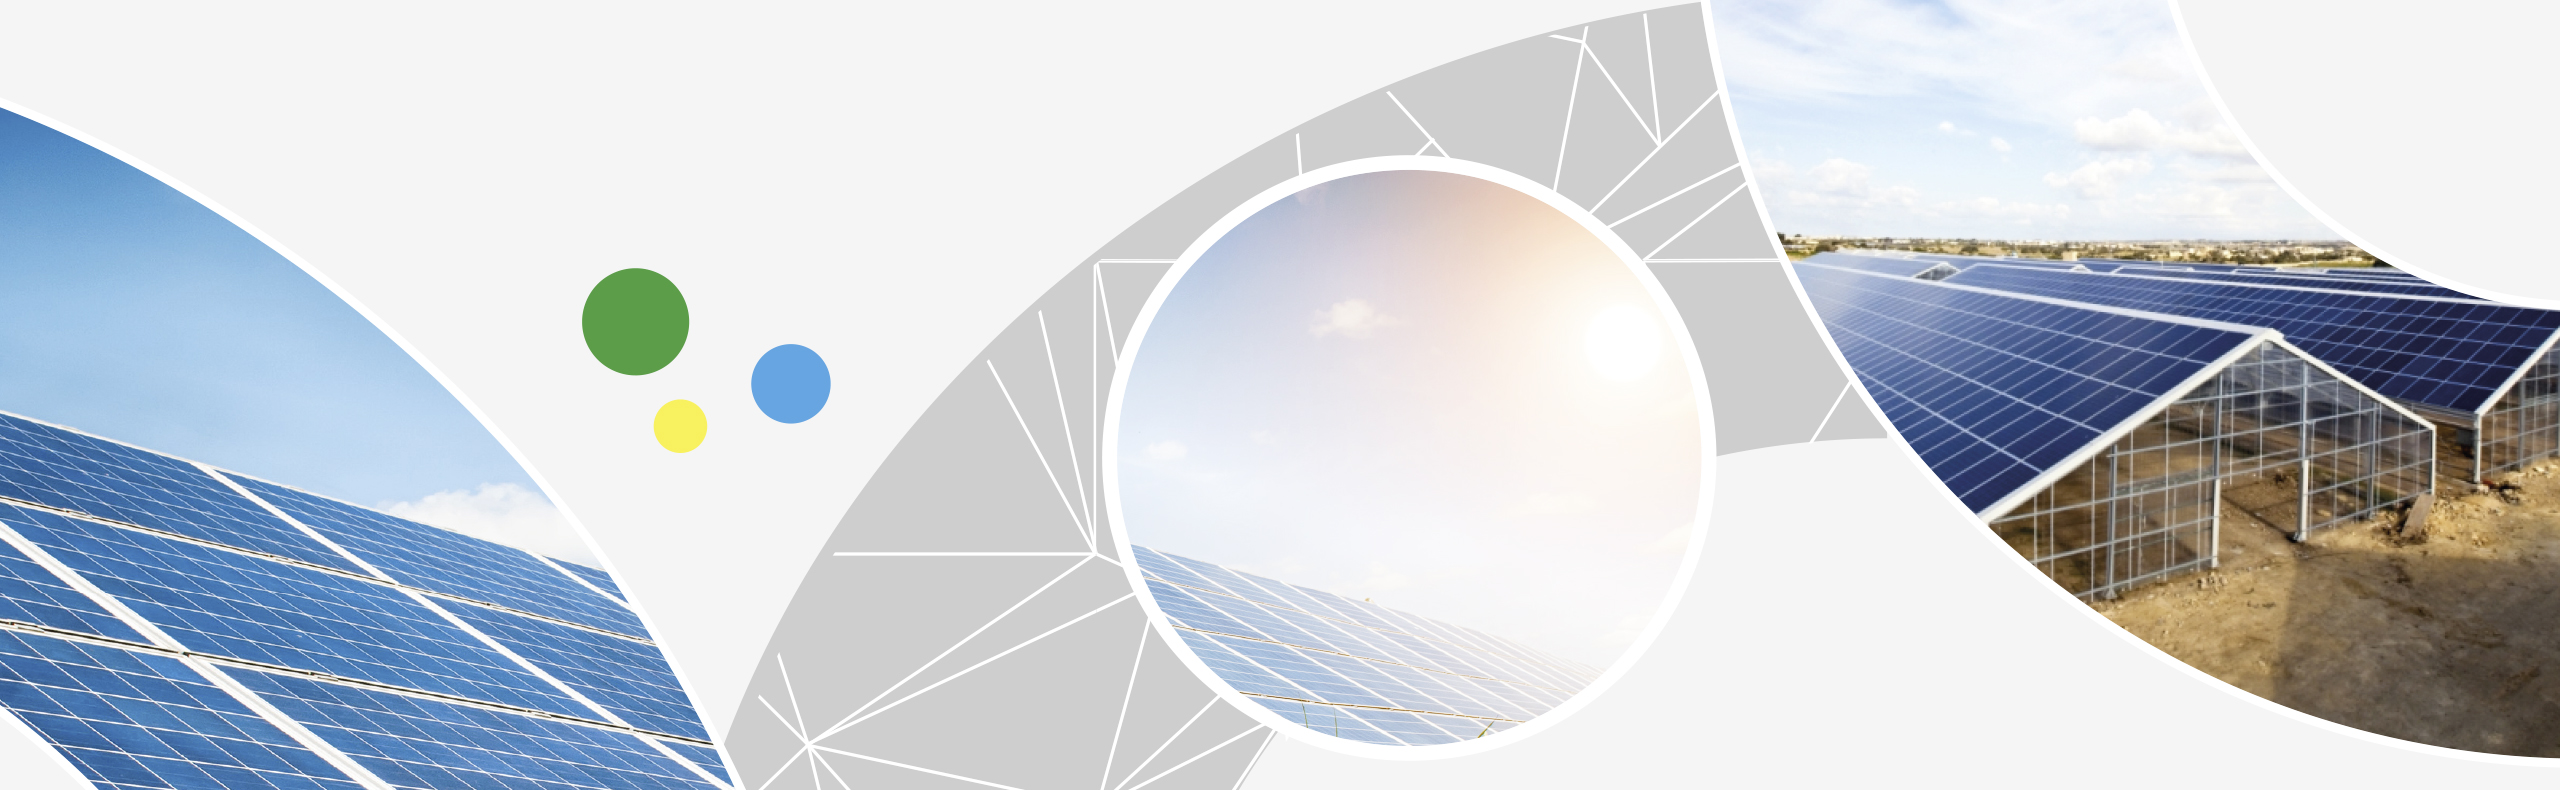 Serre fotovoltaicheBG